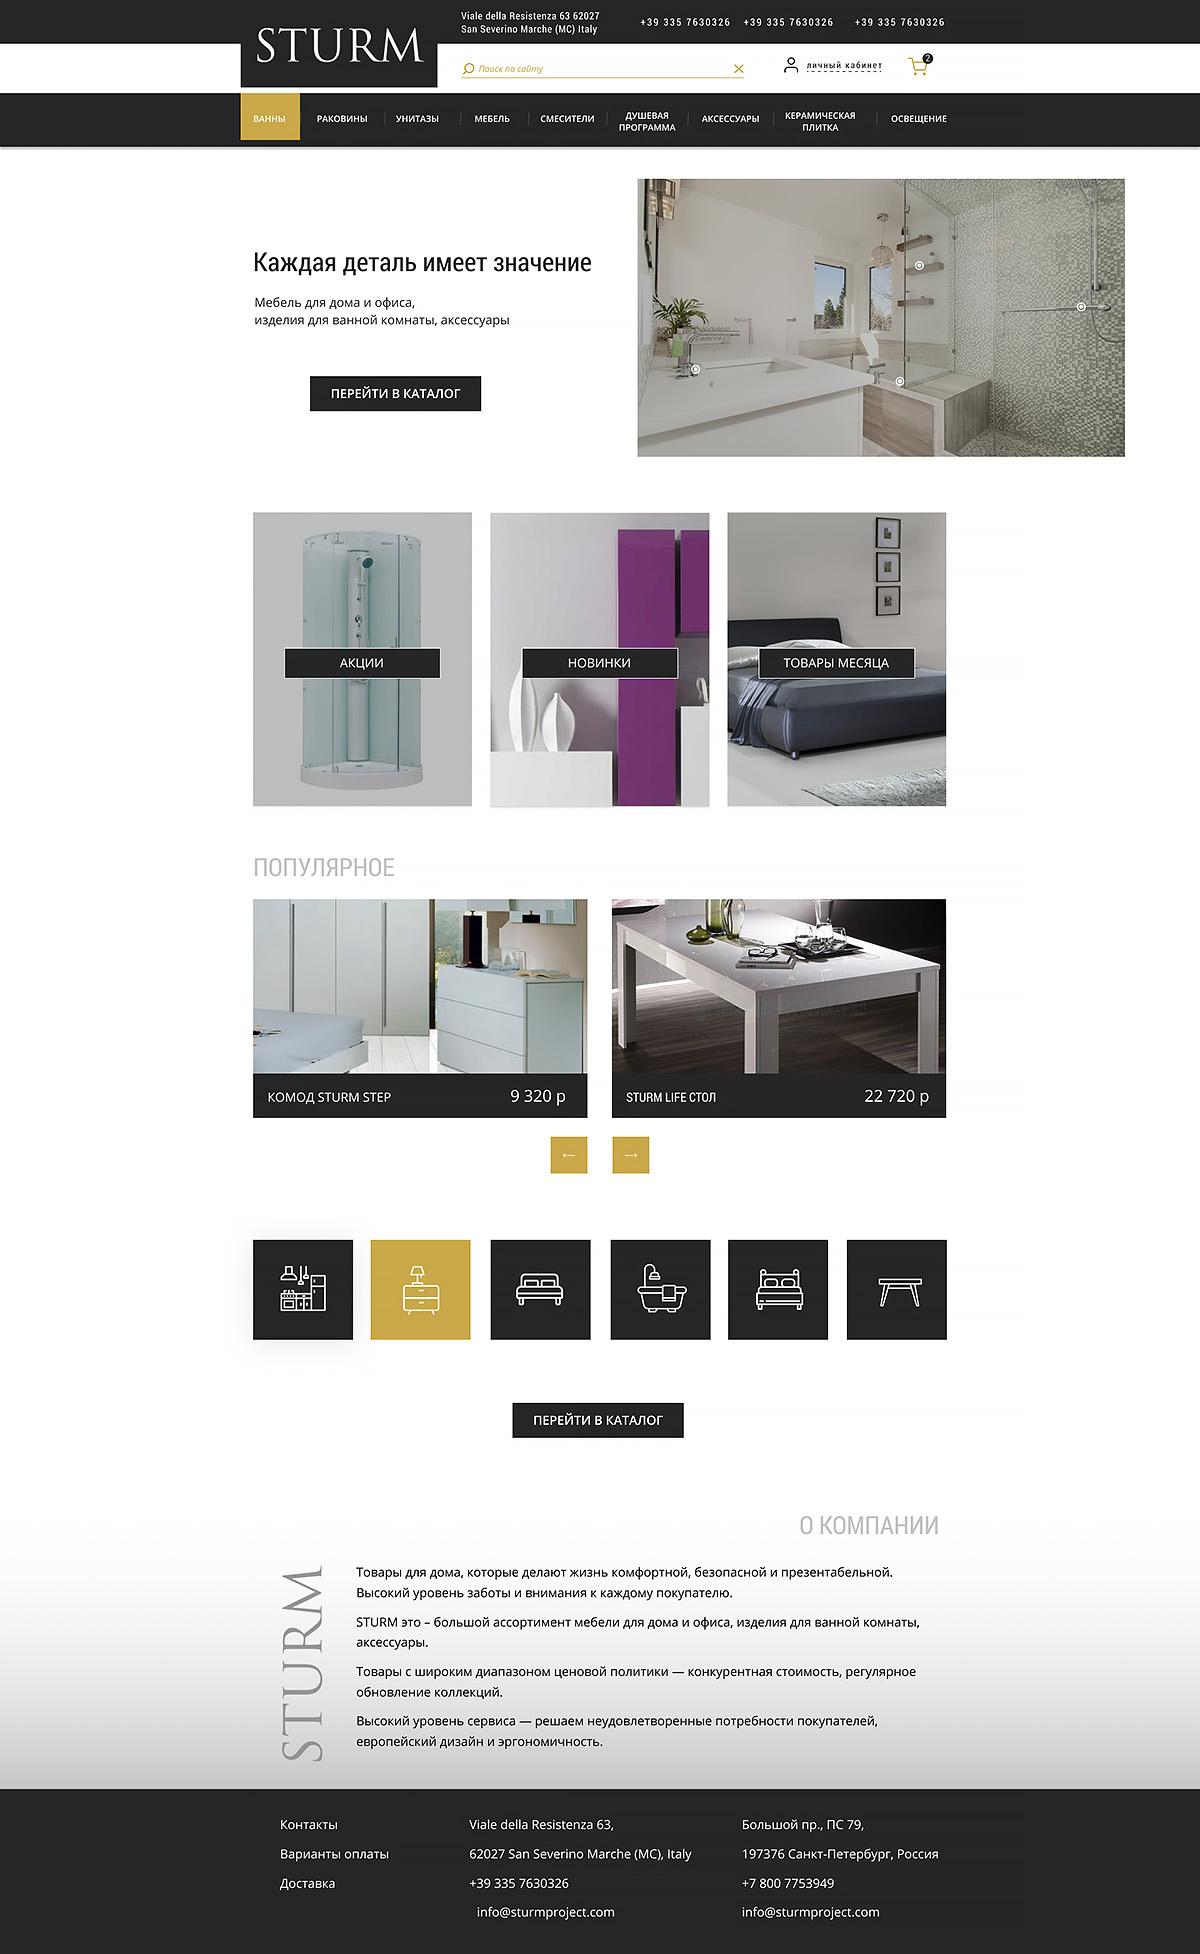 Главная страница интернет магазина. Дизайн.